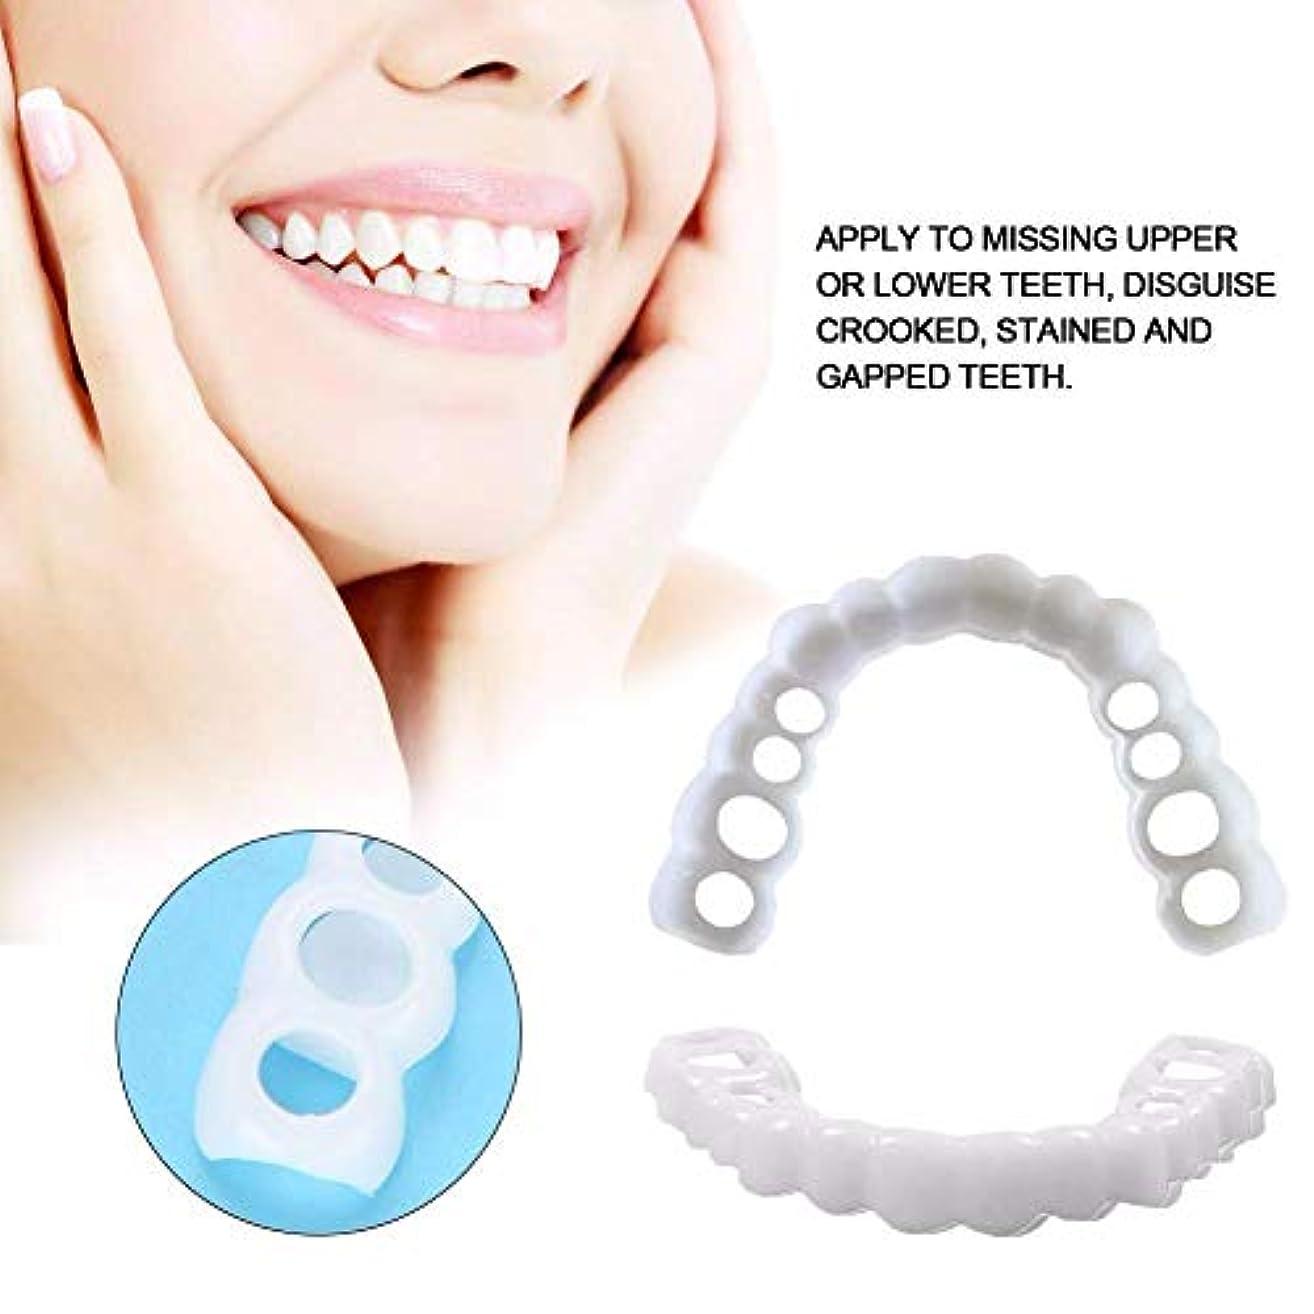 ご予約プログラムエンドウ男性用化粧品パーフェクトスマイルトップとボトムの快適な偽歯スナップホワイトニング義歯ホワイトニング義歯(2pcs)